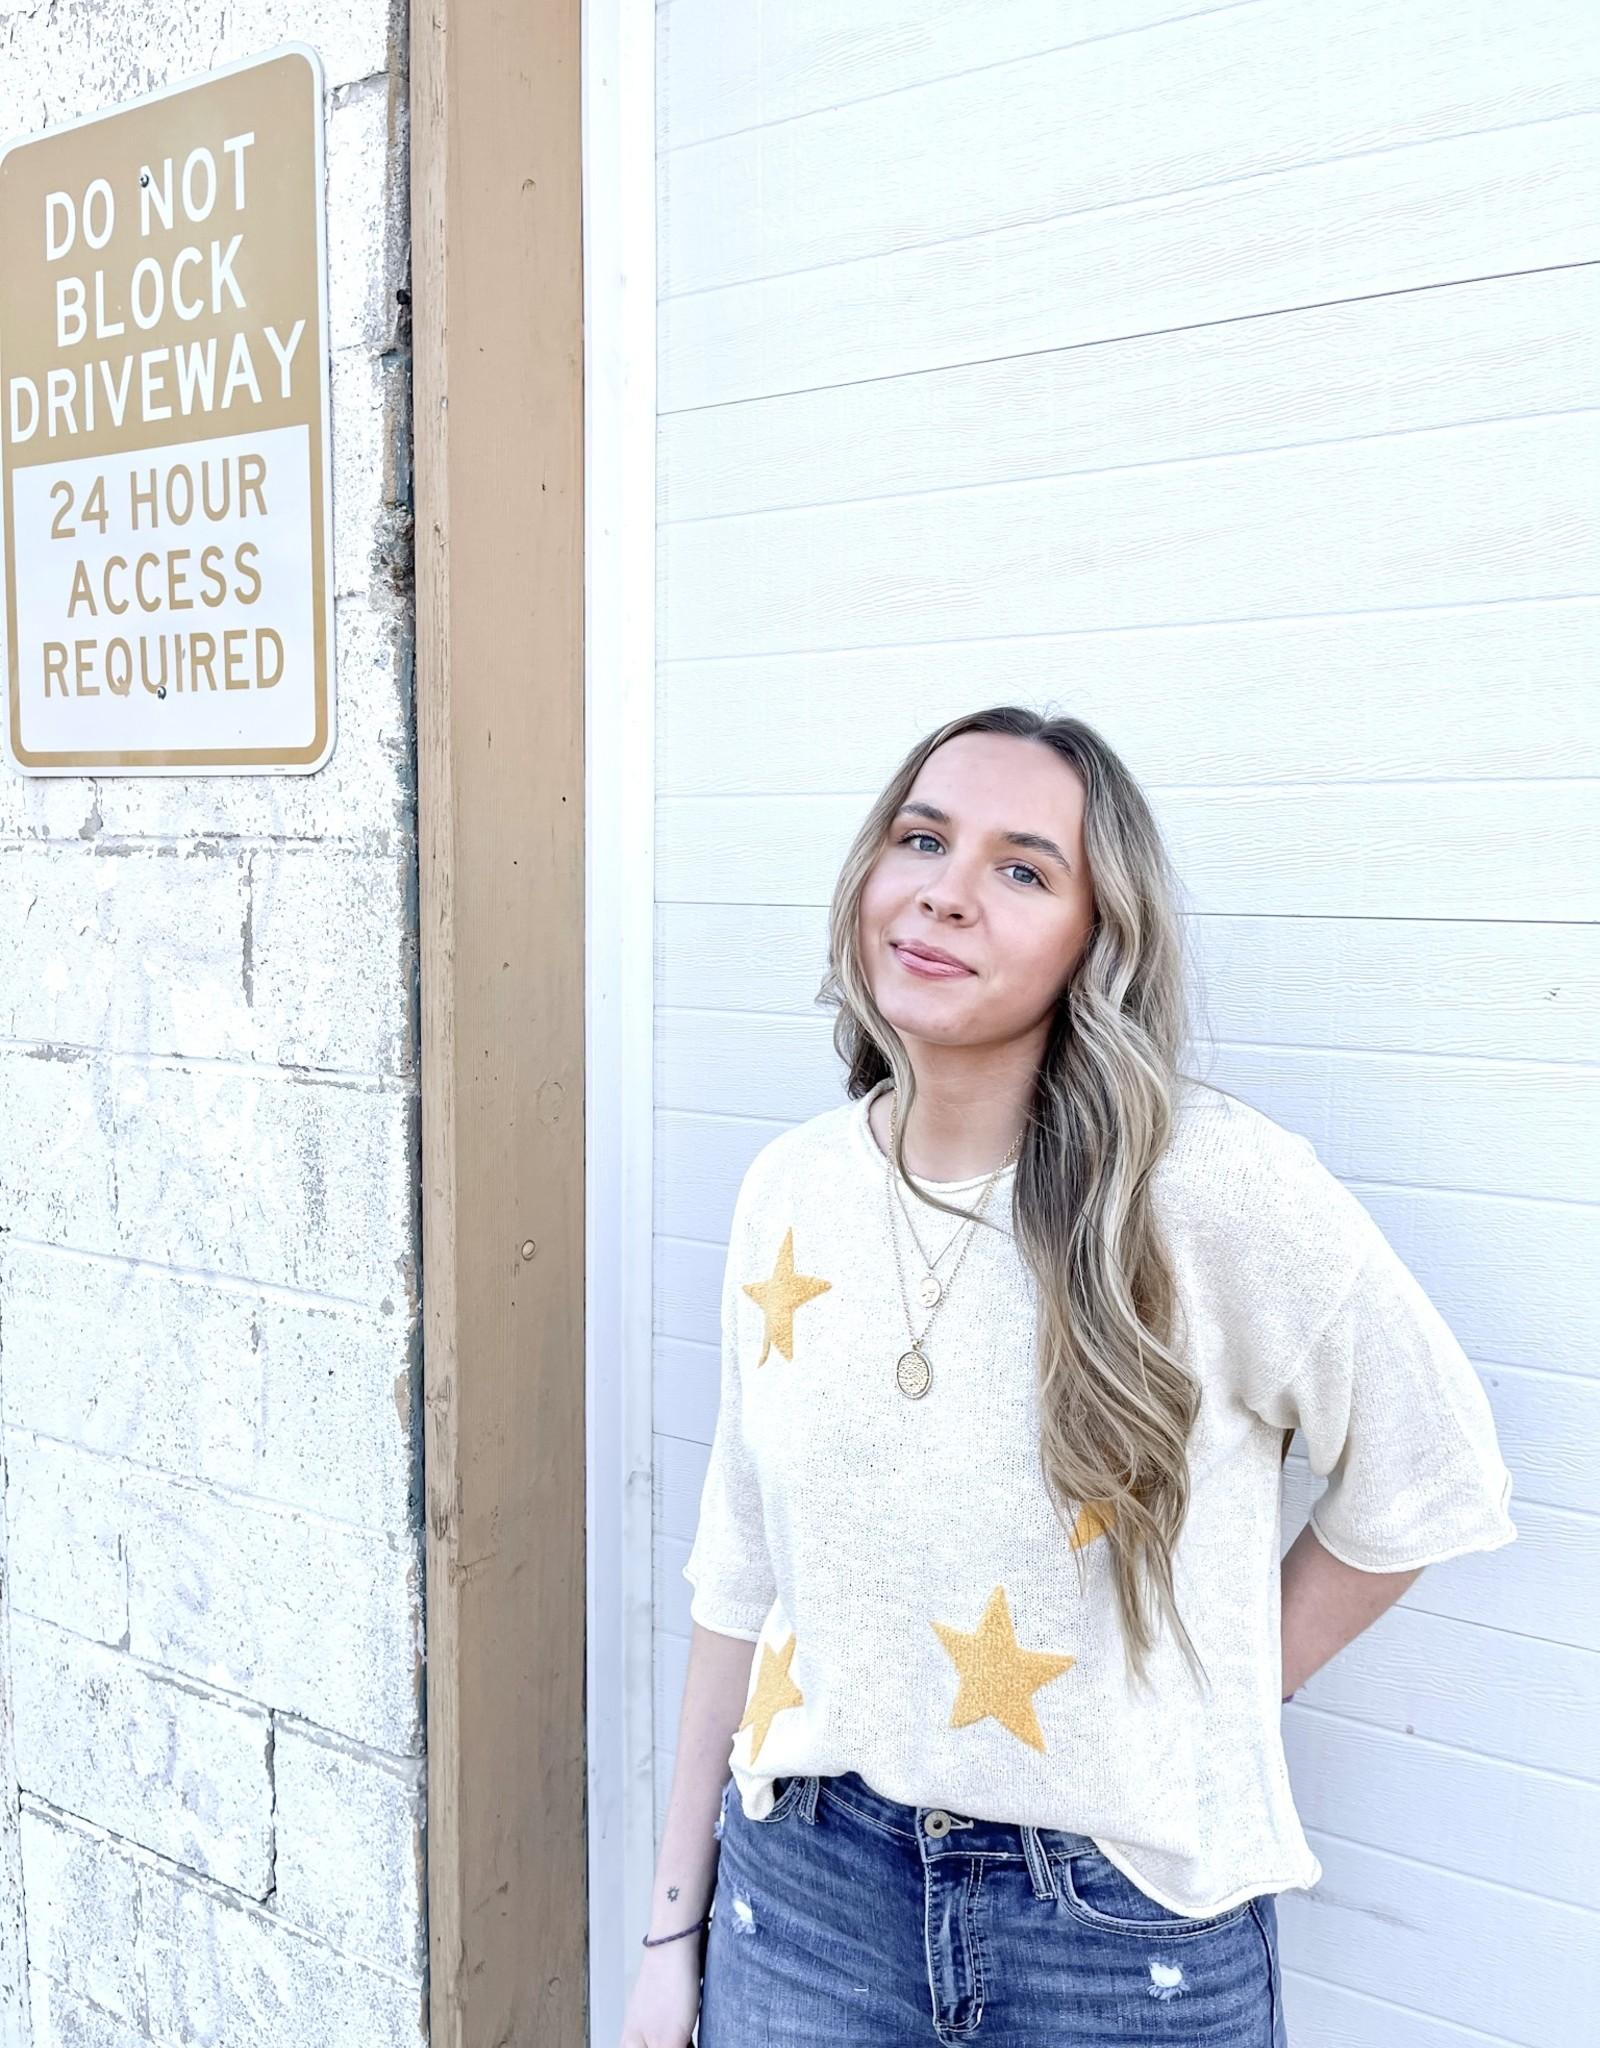 Jess Lightweight Star Sweater